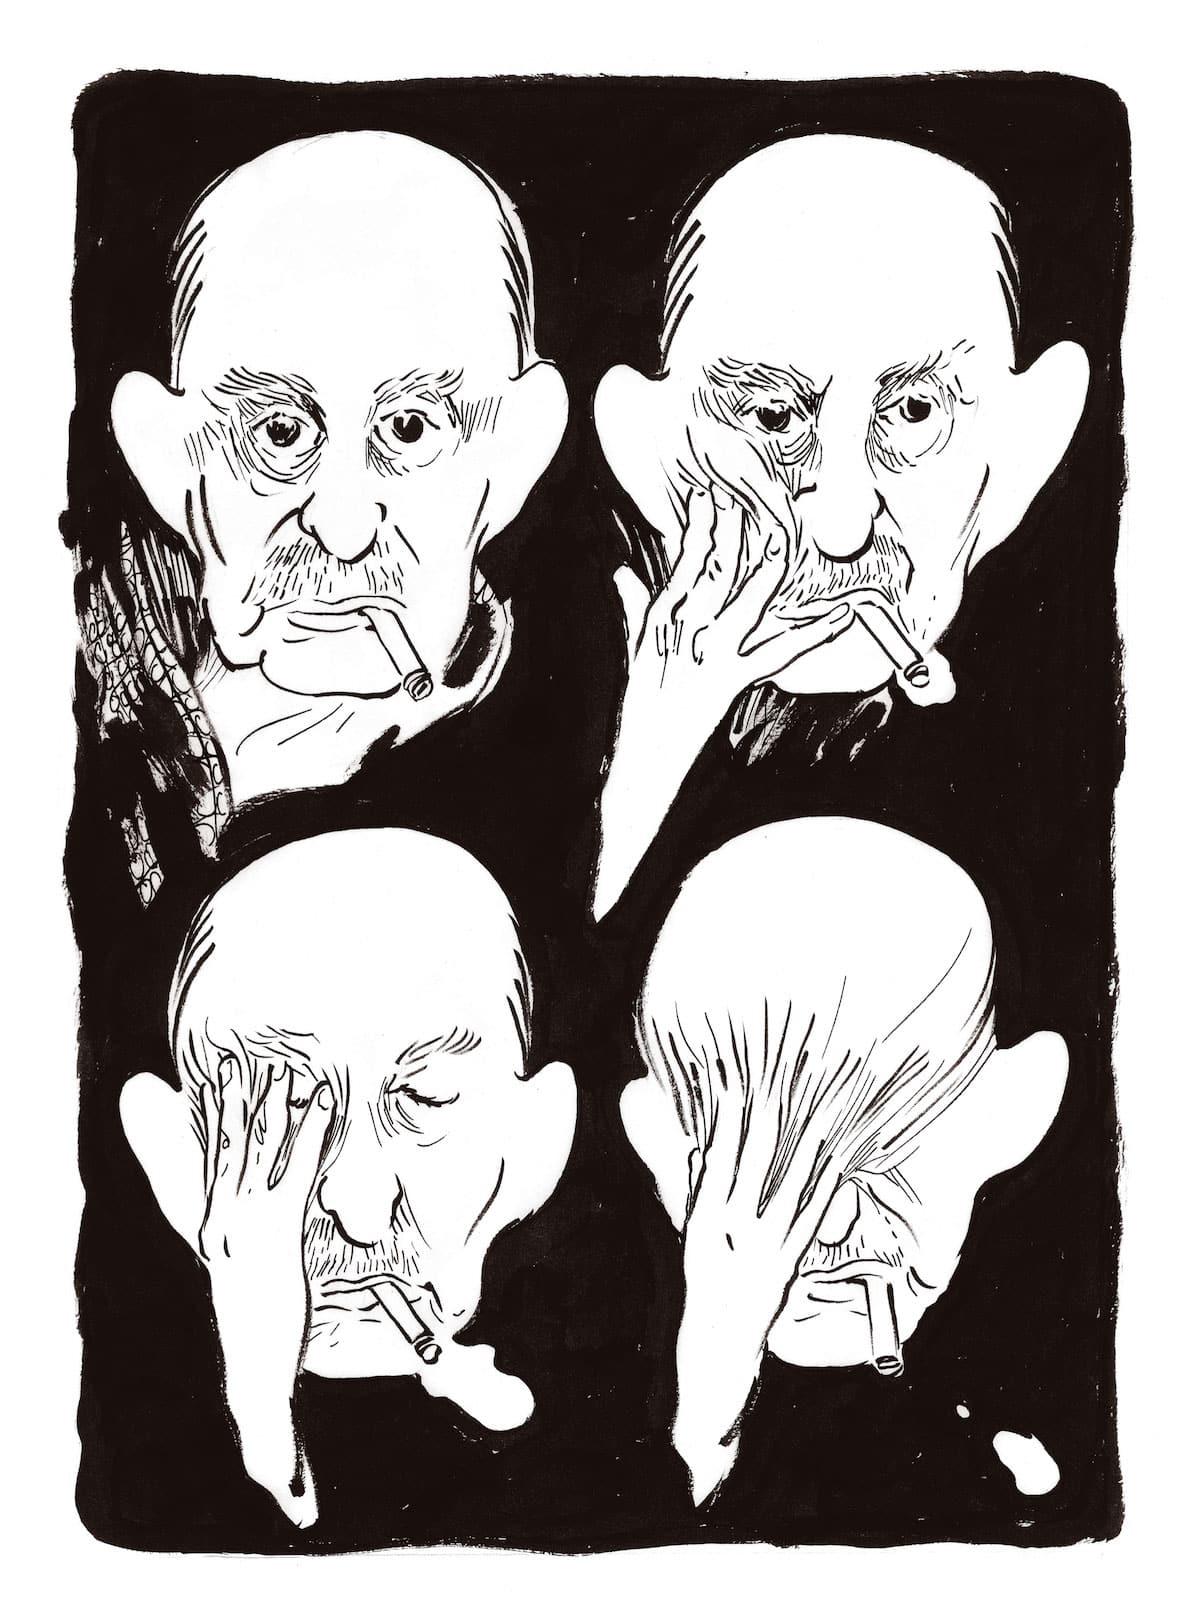 Ô vous, frères humains - Luz dessine Albert Cohen (Dessins)